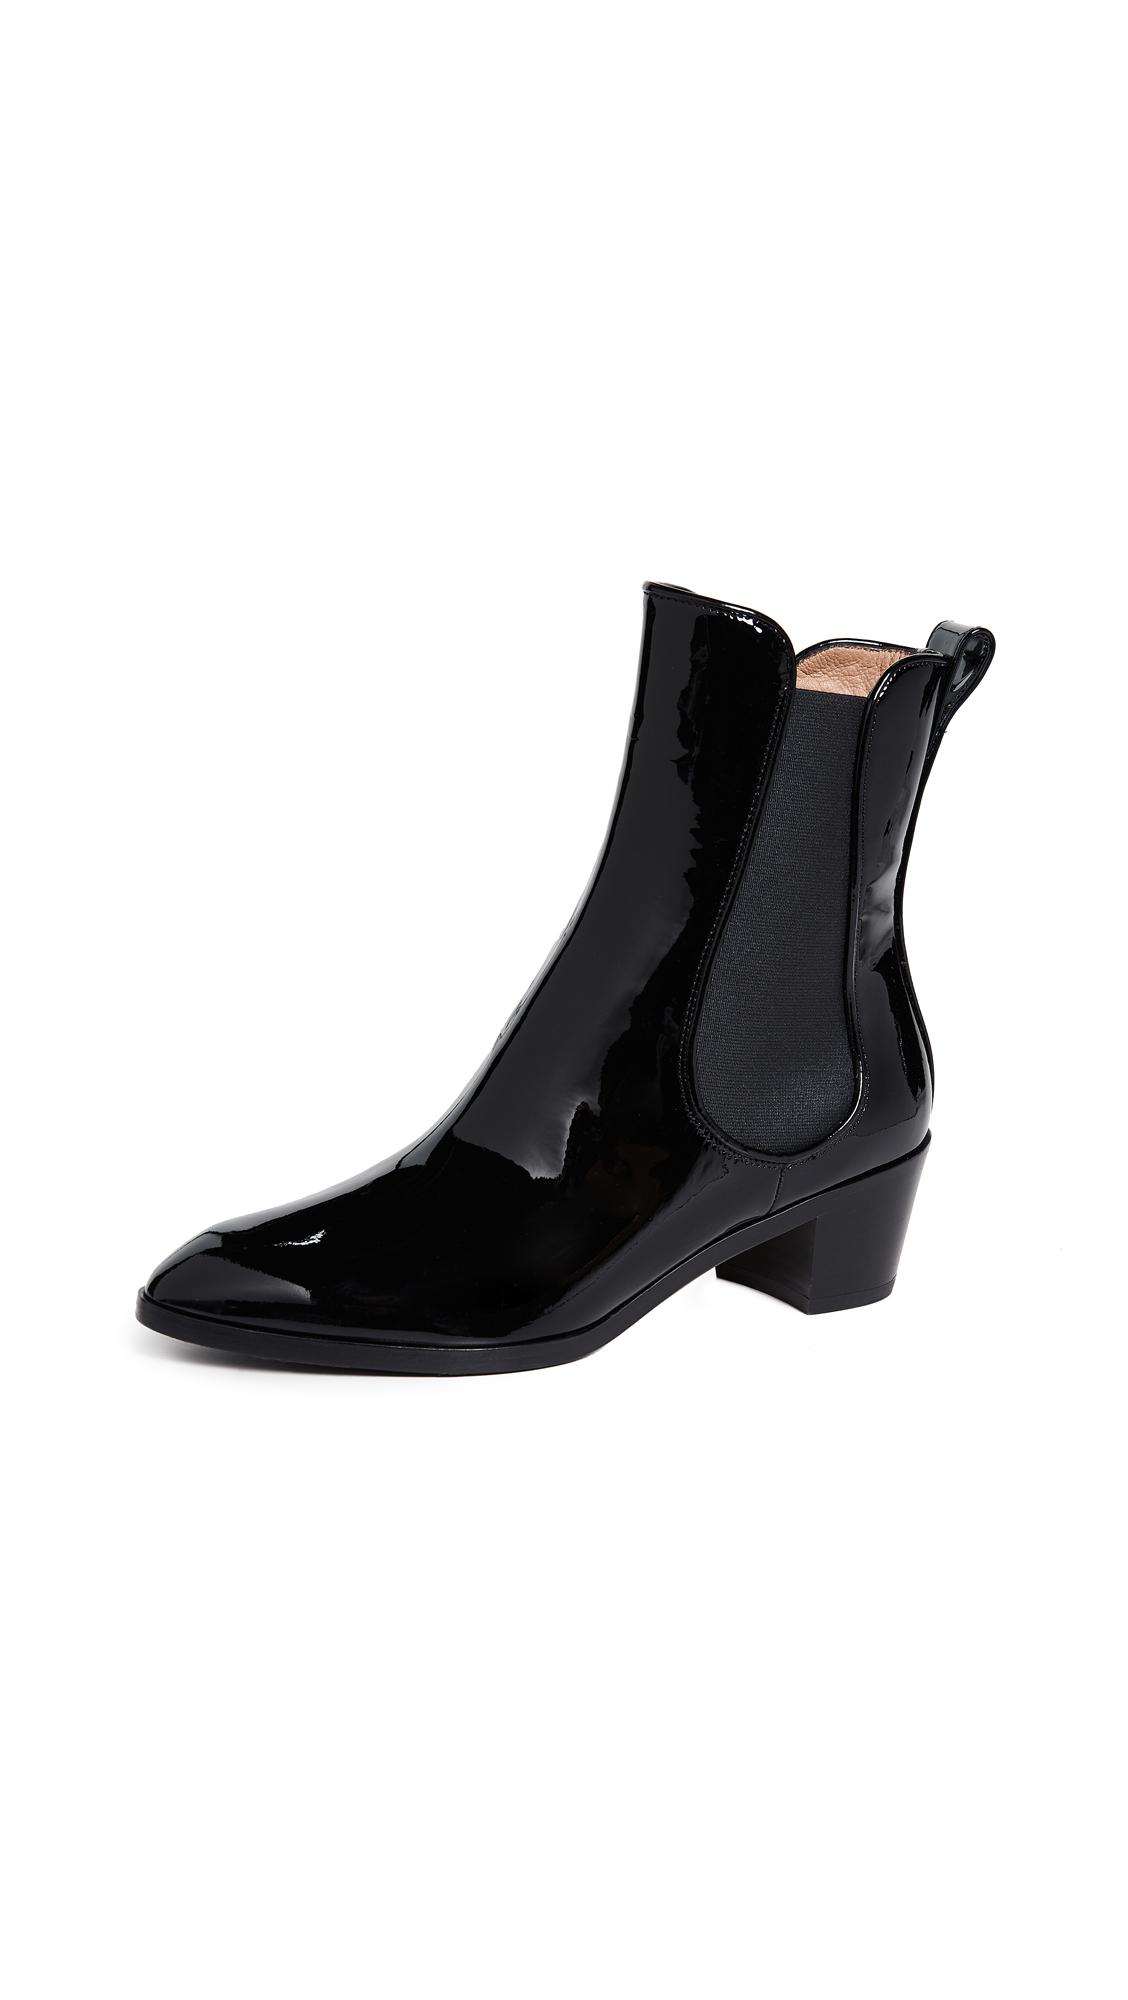 Aquazzura Kilian 45mm Boots